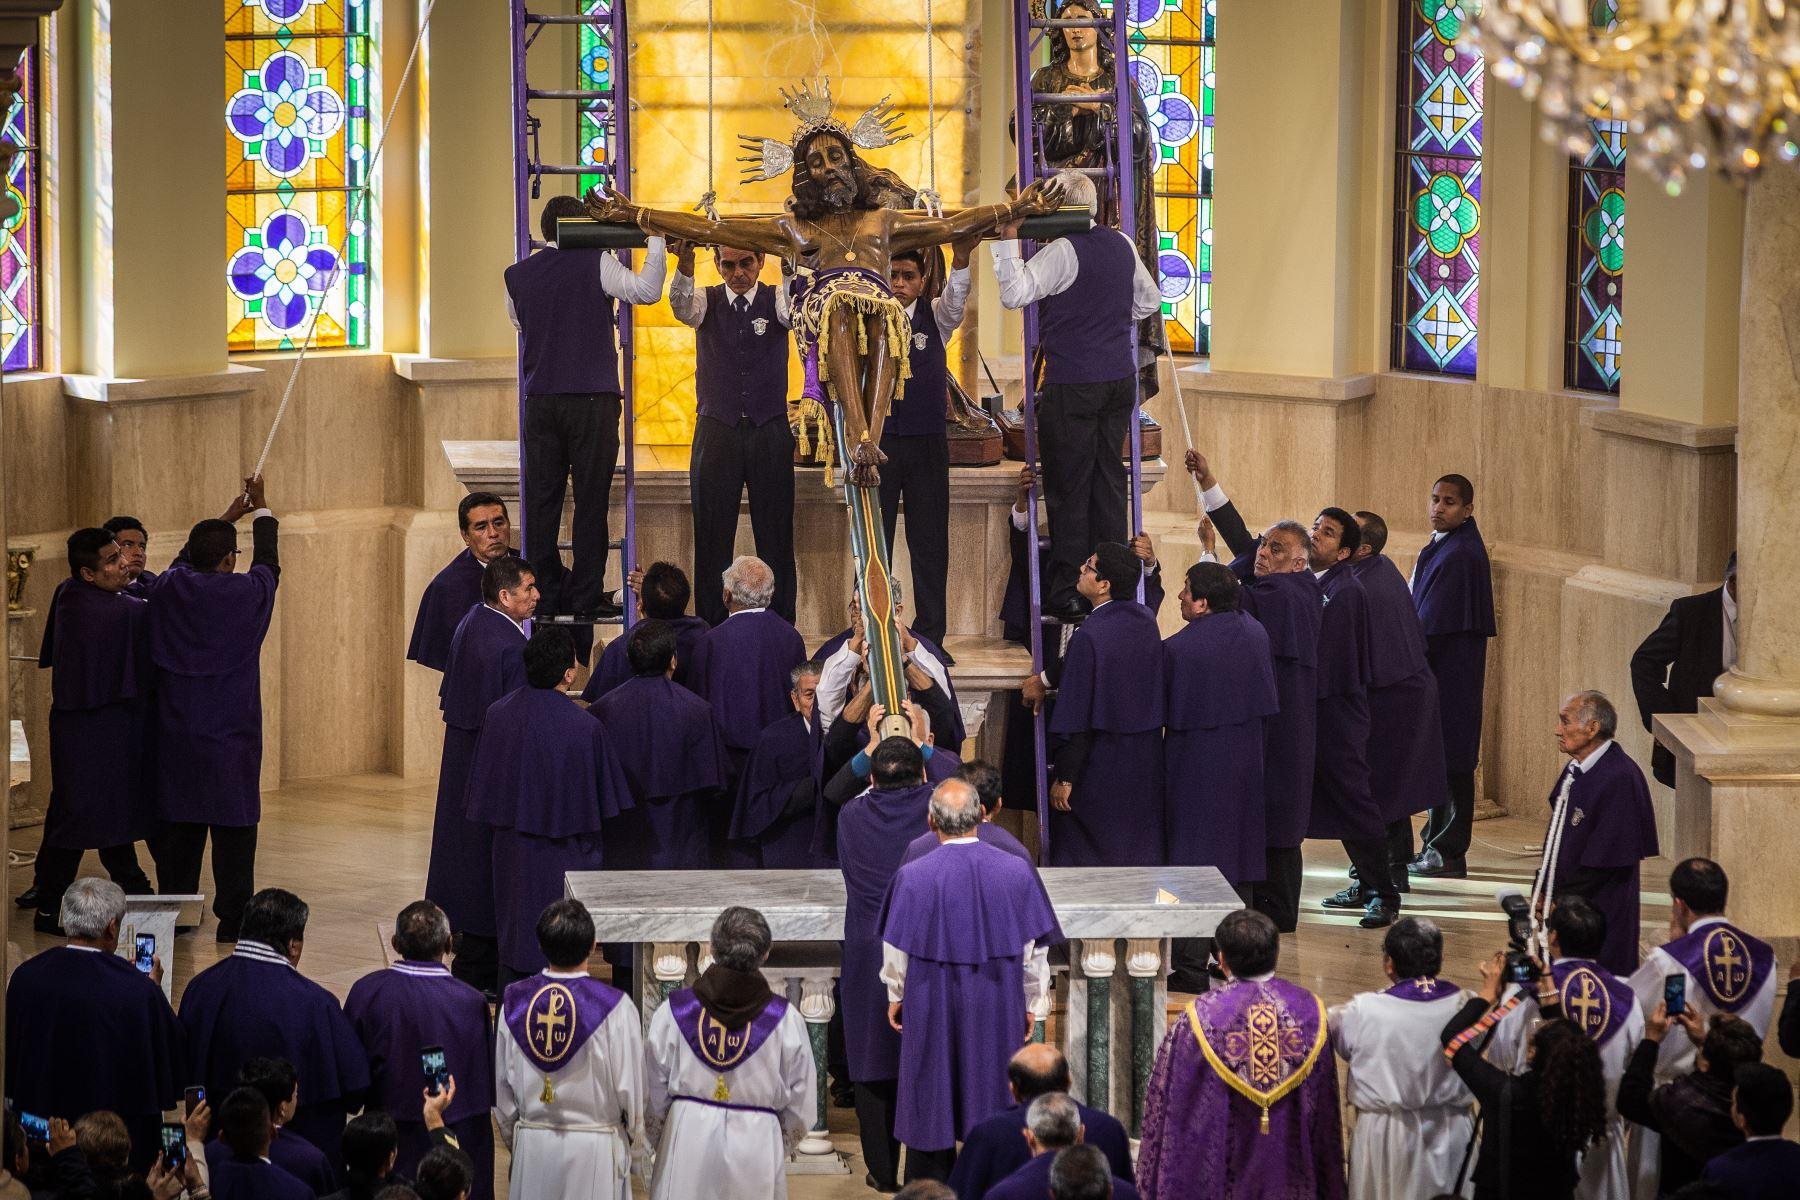 Ica celebra hoy la tradicional procesión del Señor de Luren, la imagen más venerada del catolicismo en Ica, una manifestación religiosa que congrega a miles de devotos. Foto: Genry Emerson Bautista